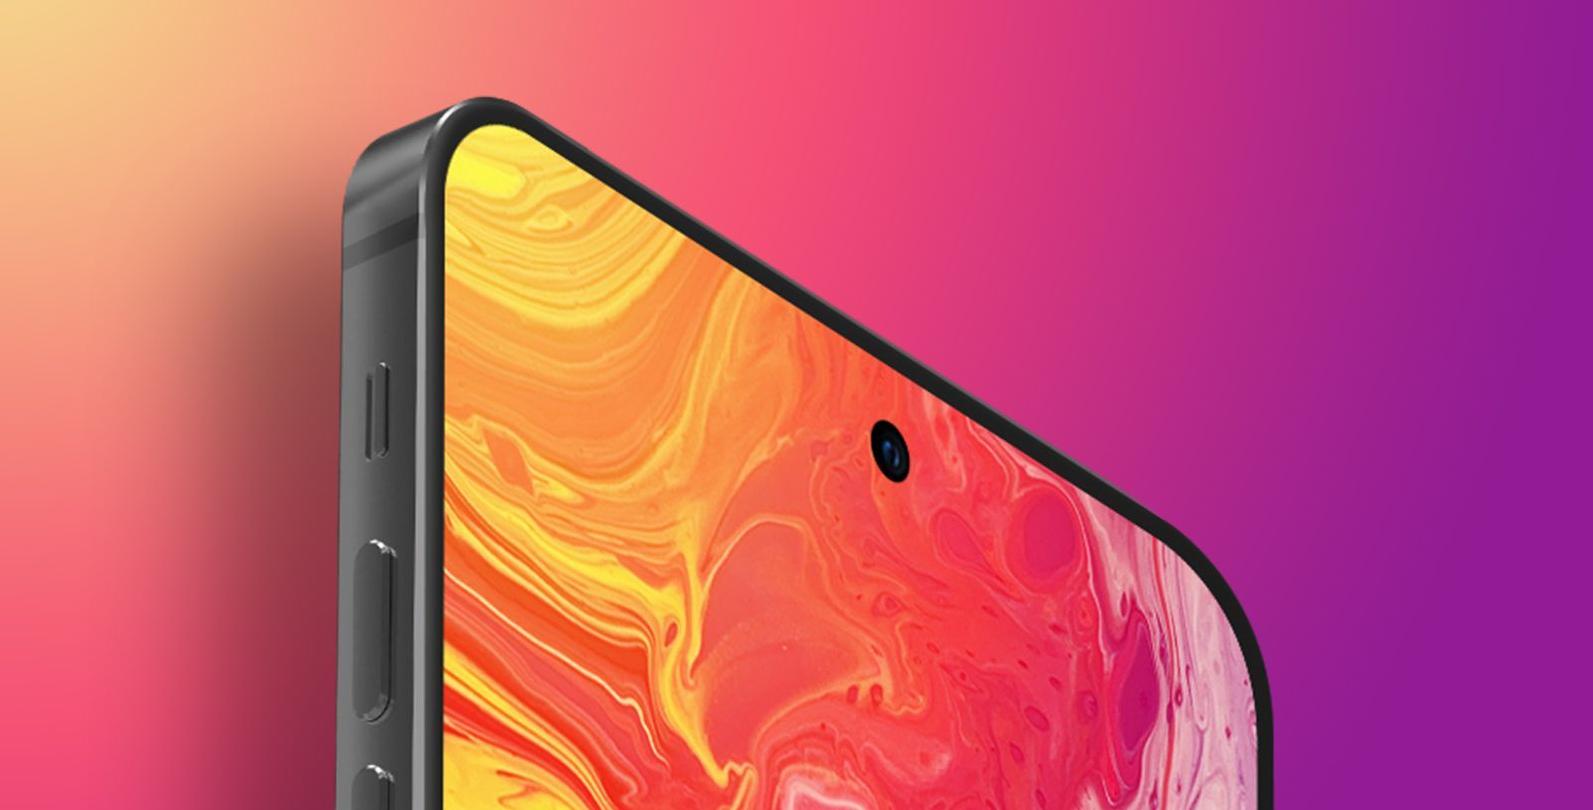 iphone14最新消息_iphone14会取消刘海吗